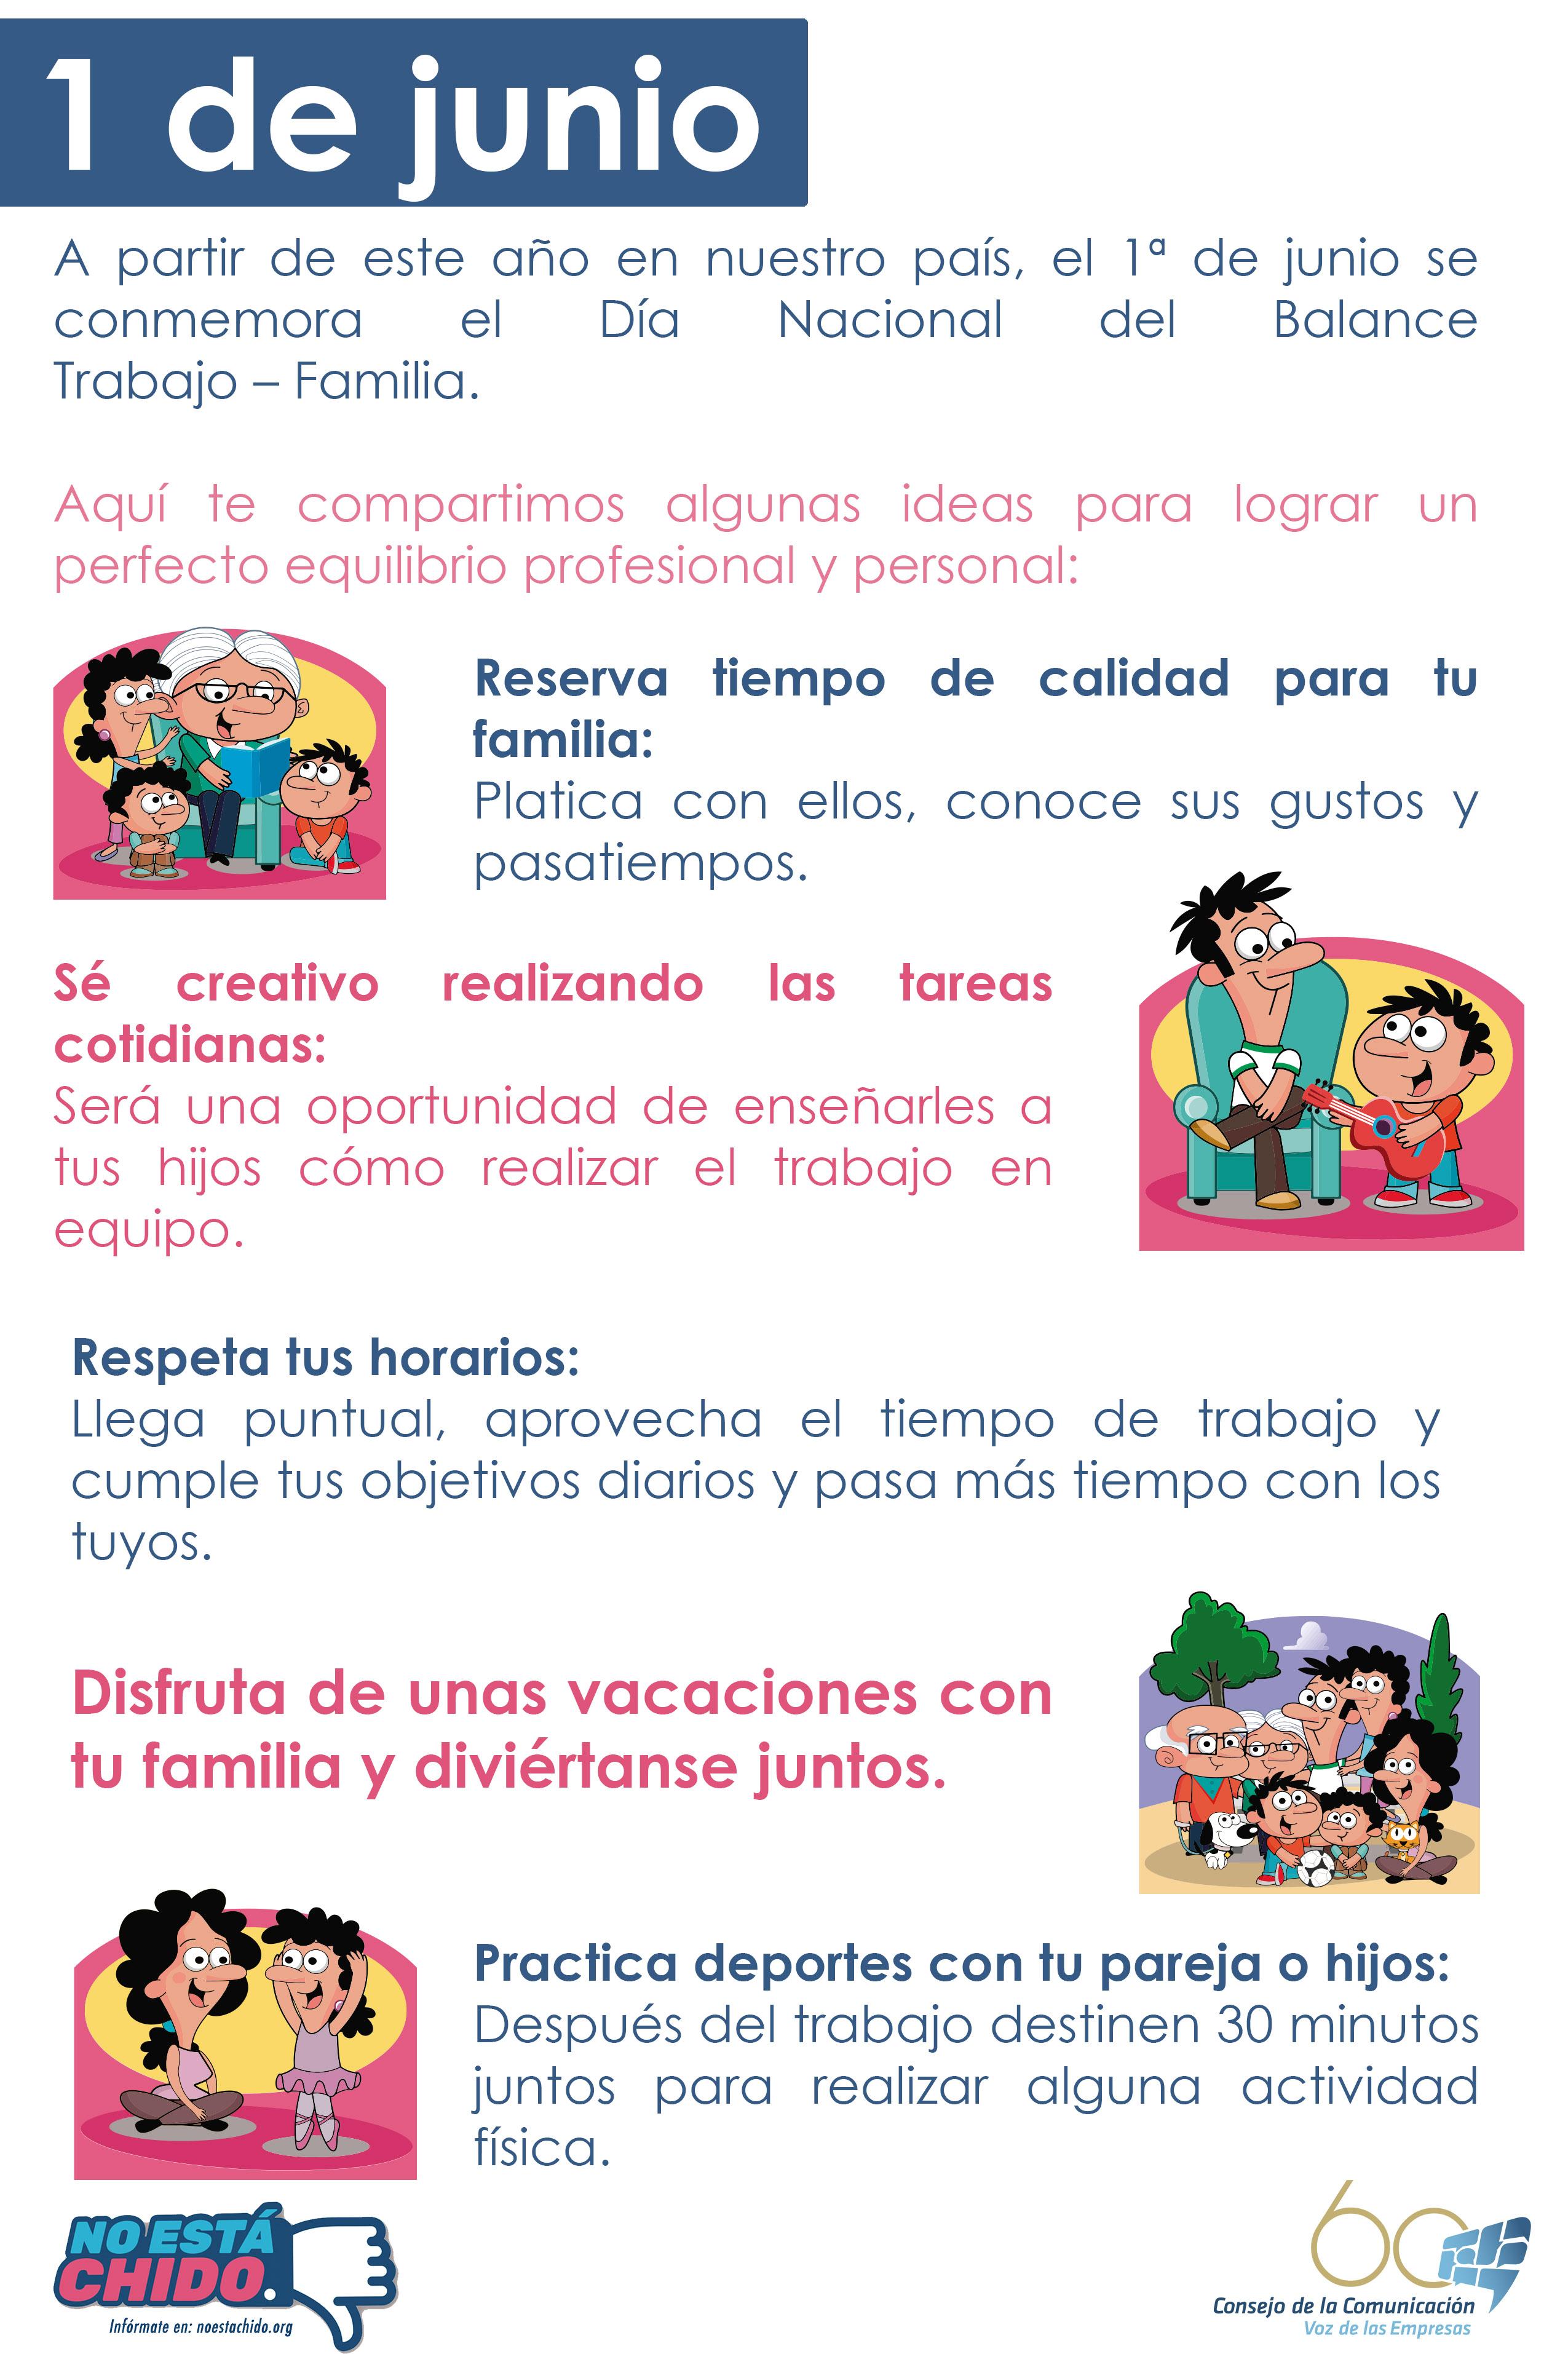 Niños y niñas los más beneficiados por el decreto del Día Nacional del Balance Trabajo Familia